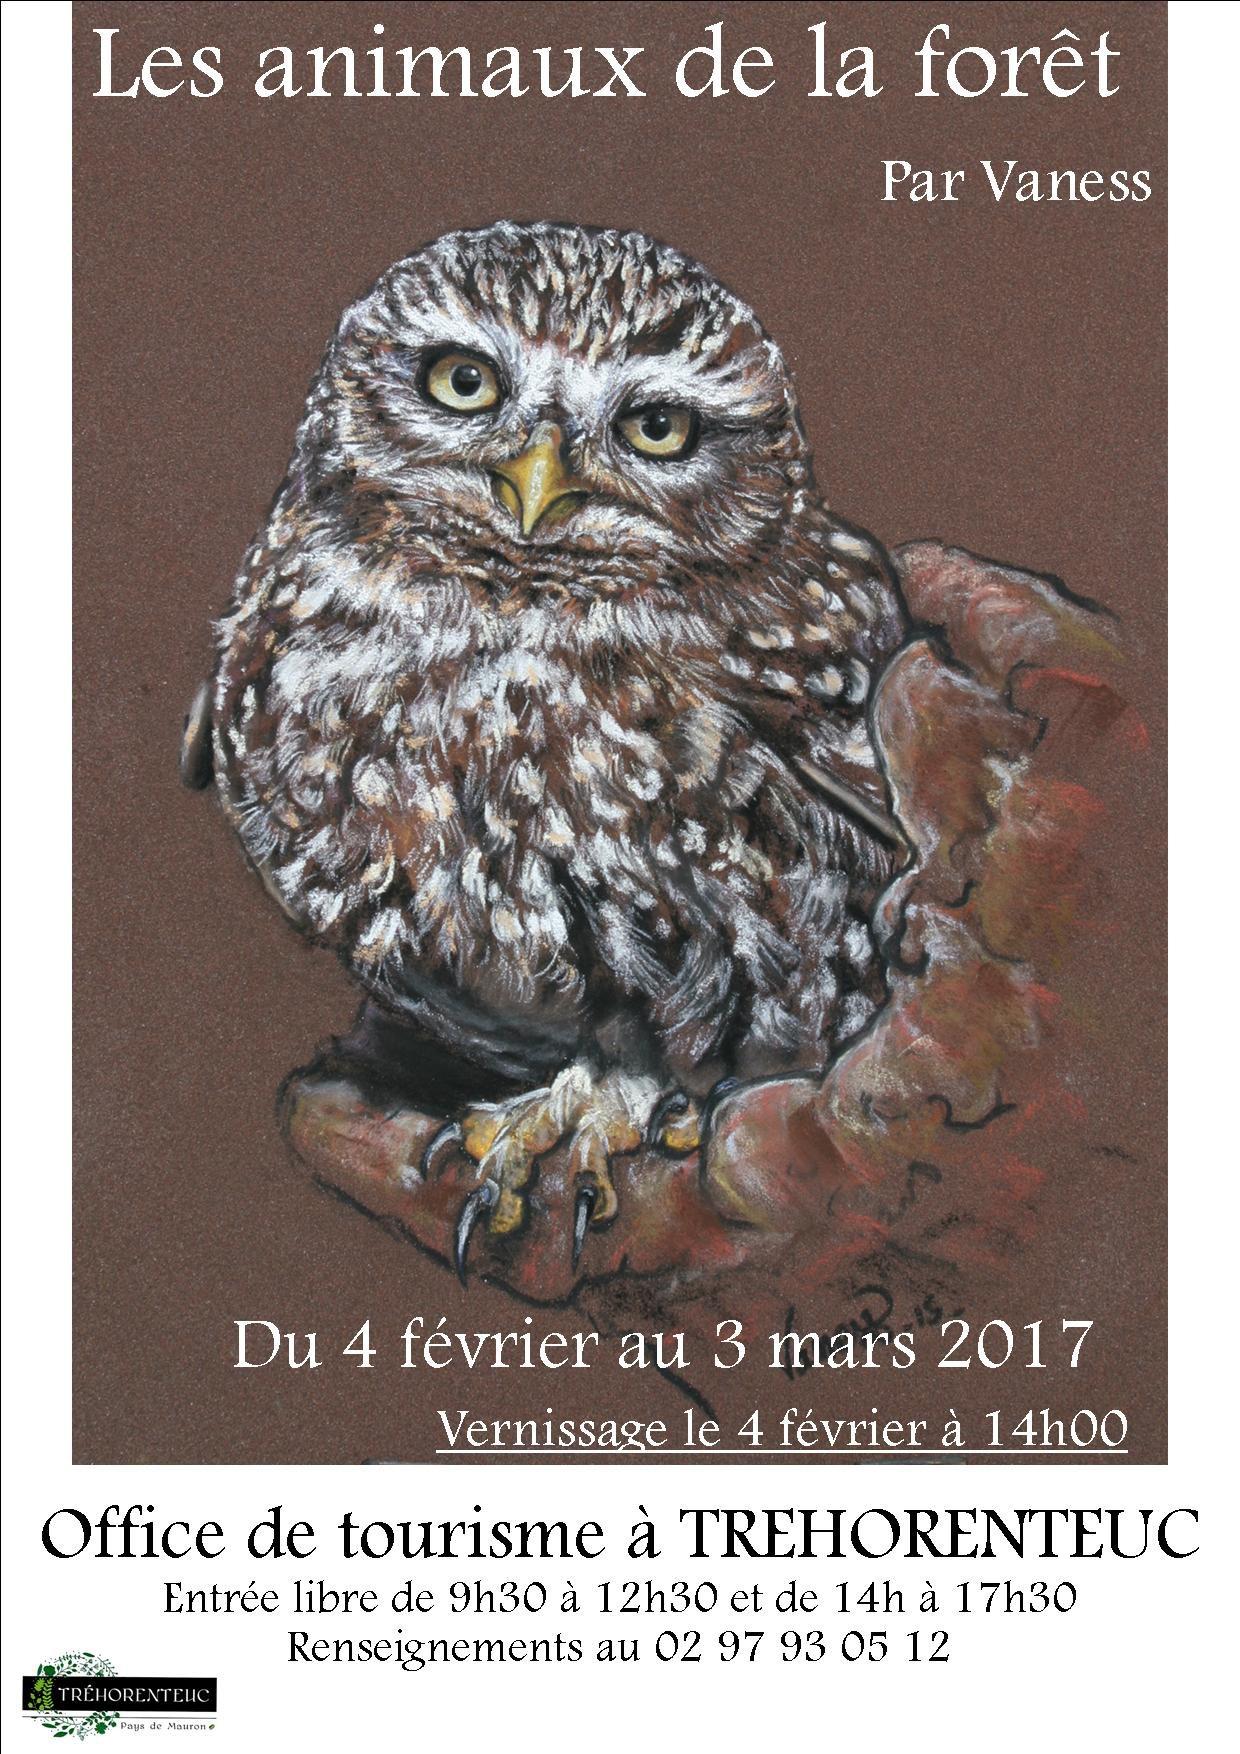 Exposition les animaux de la for t par vaness broc liande en bretagne - Office tourisme trehorenteuc ...